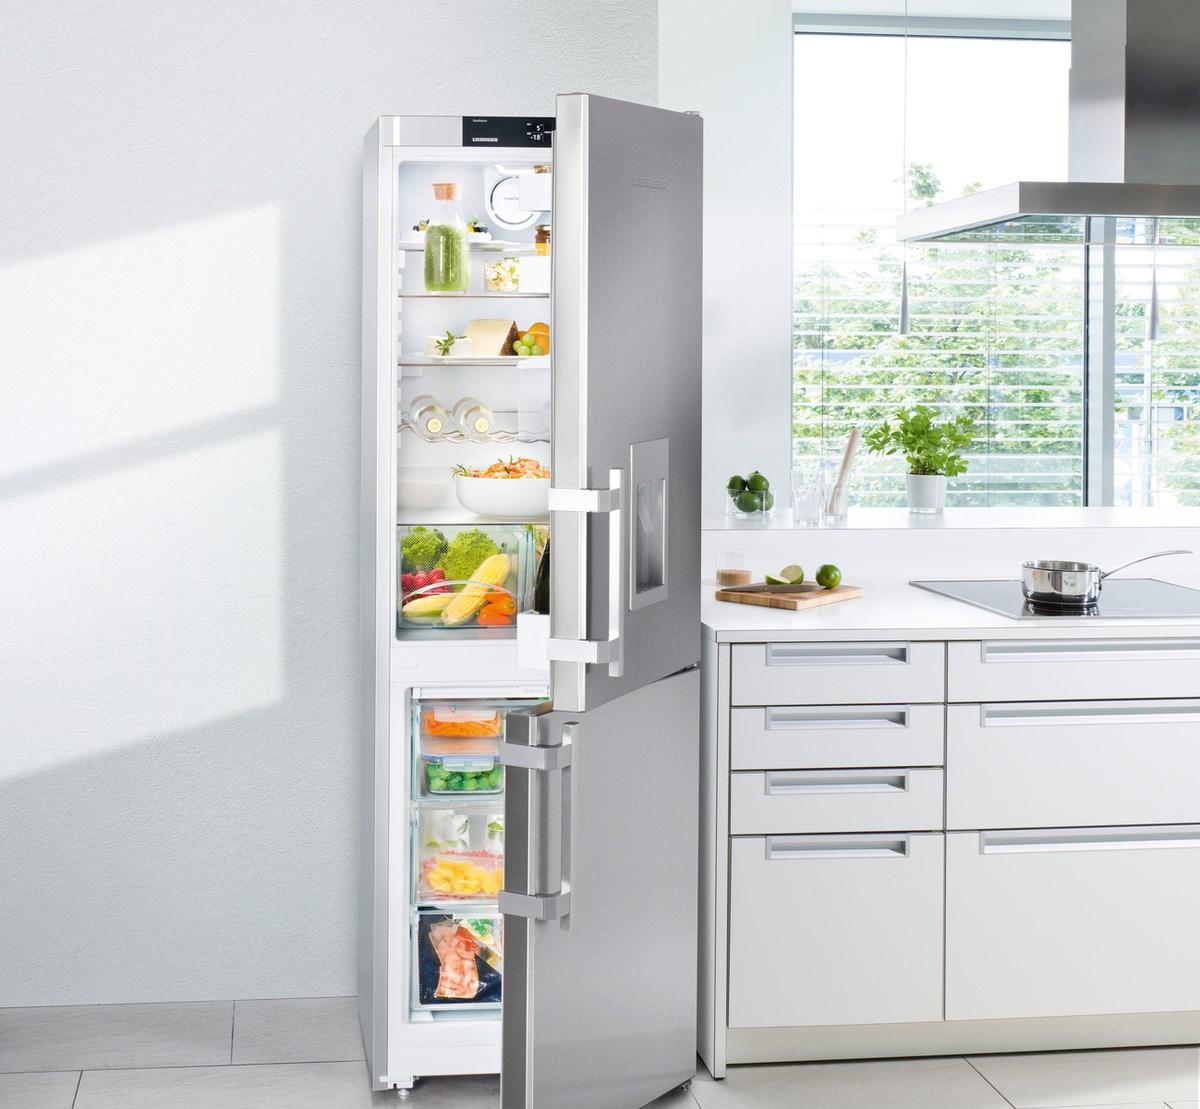 Картинки холодильников либхер